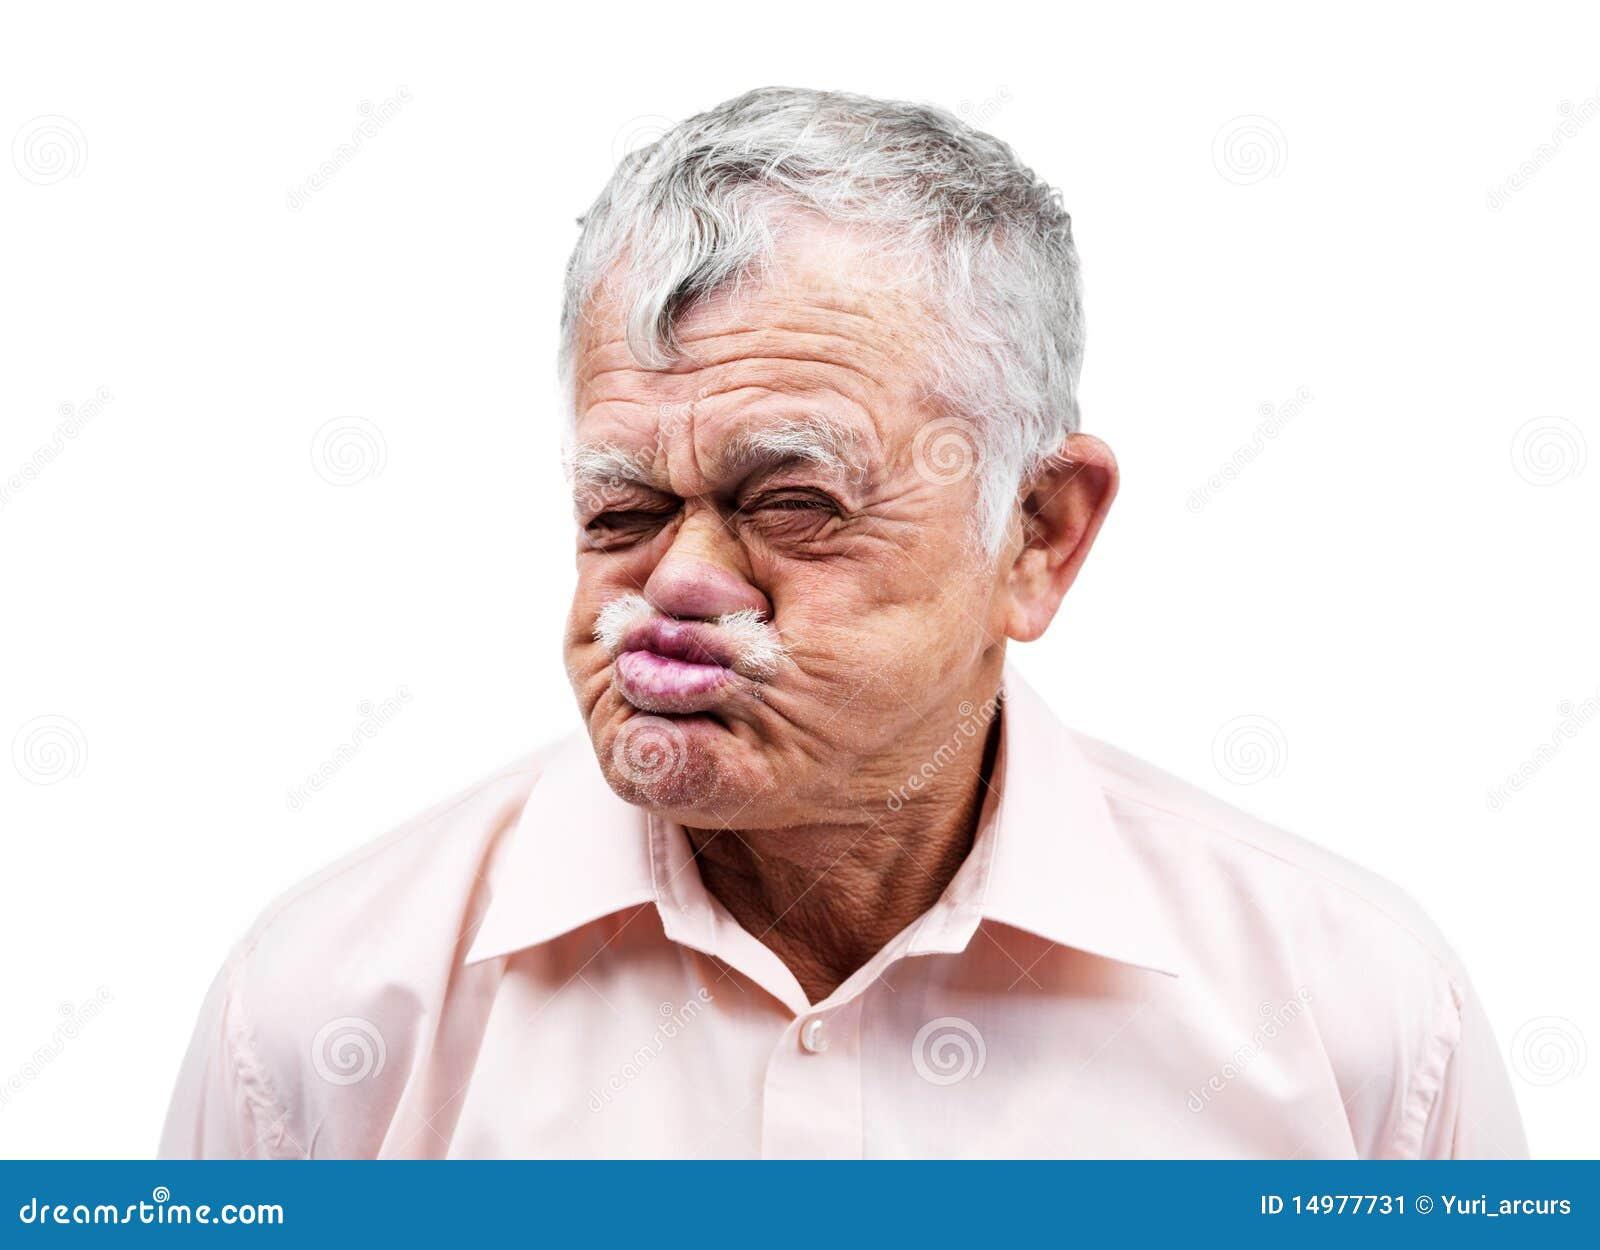 stockbild old man making funny face on white background bild 14977731. Black Bedroom Furniture Sets. Home Design Ideas